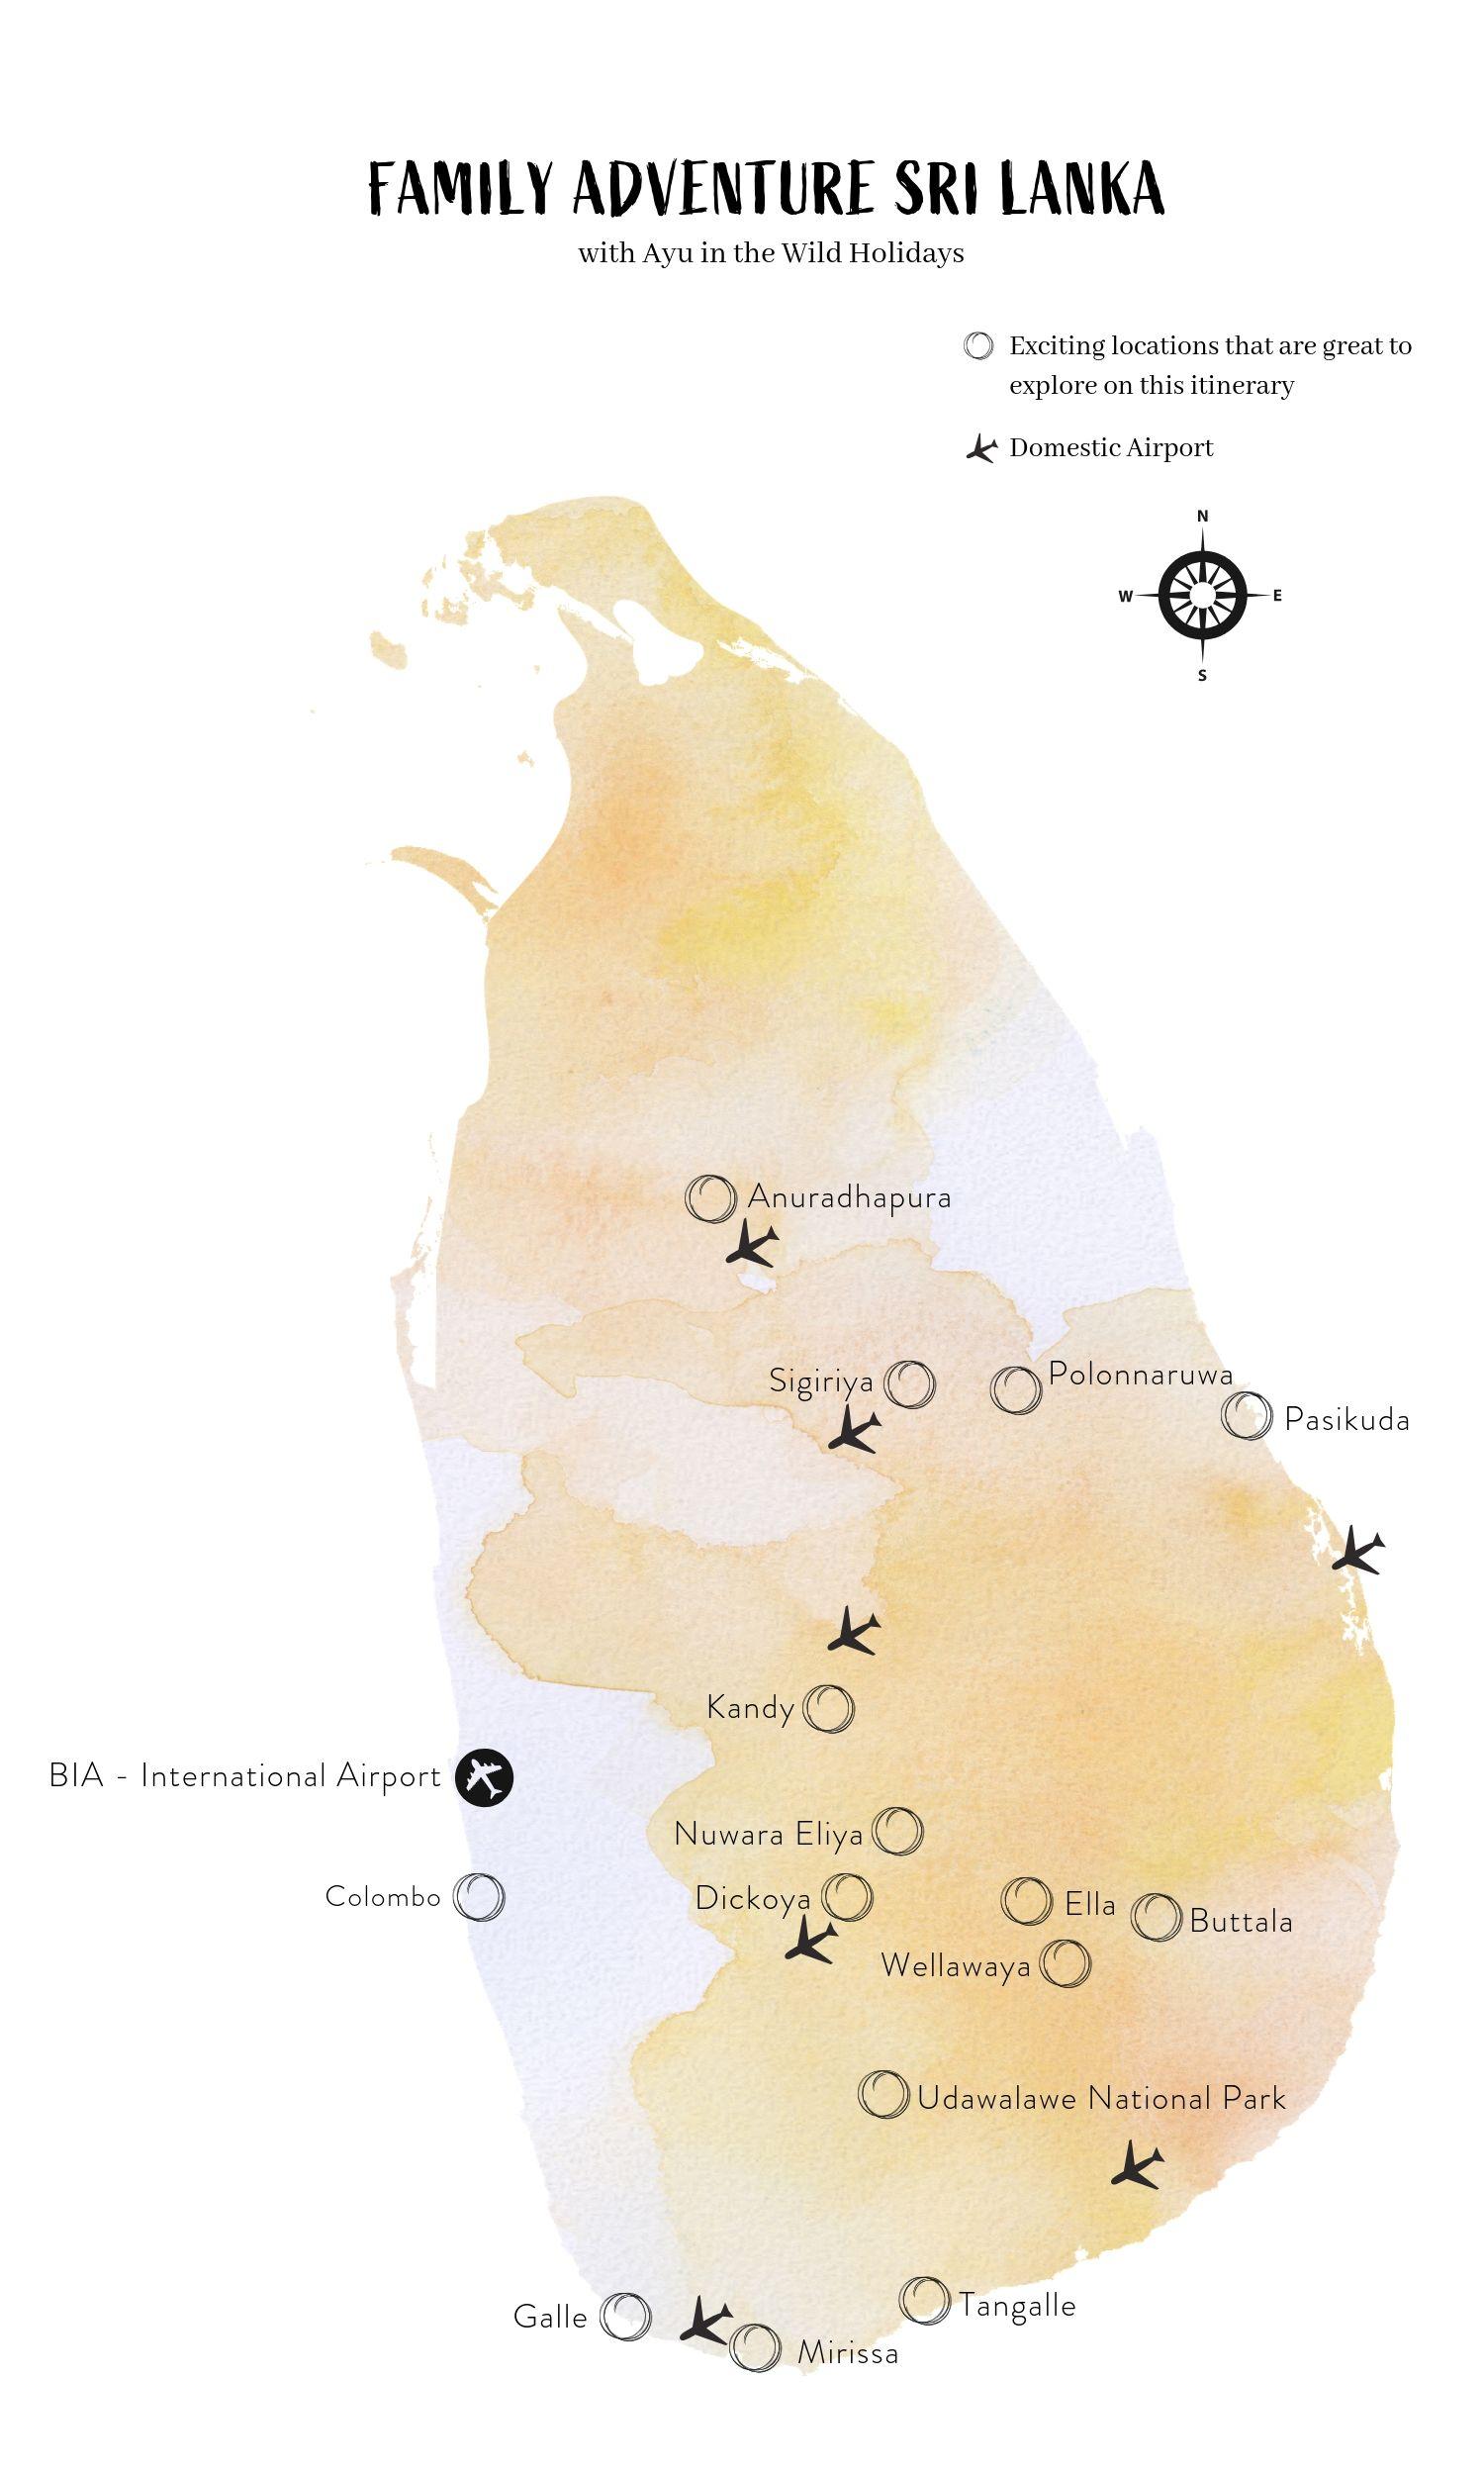 3 Family Adventure Sri Lanka.jpg